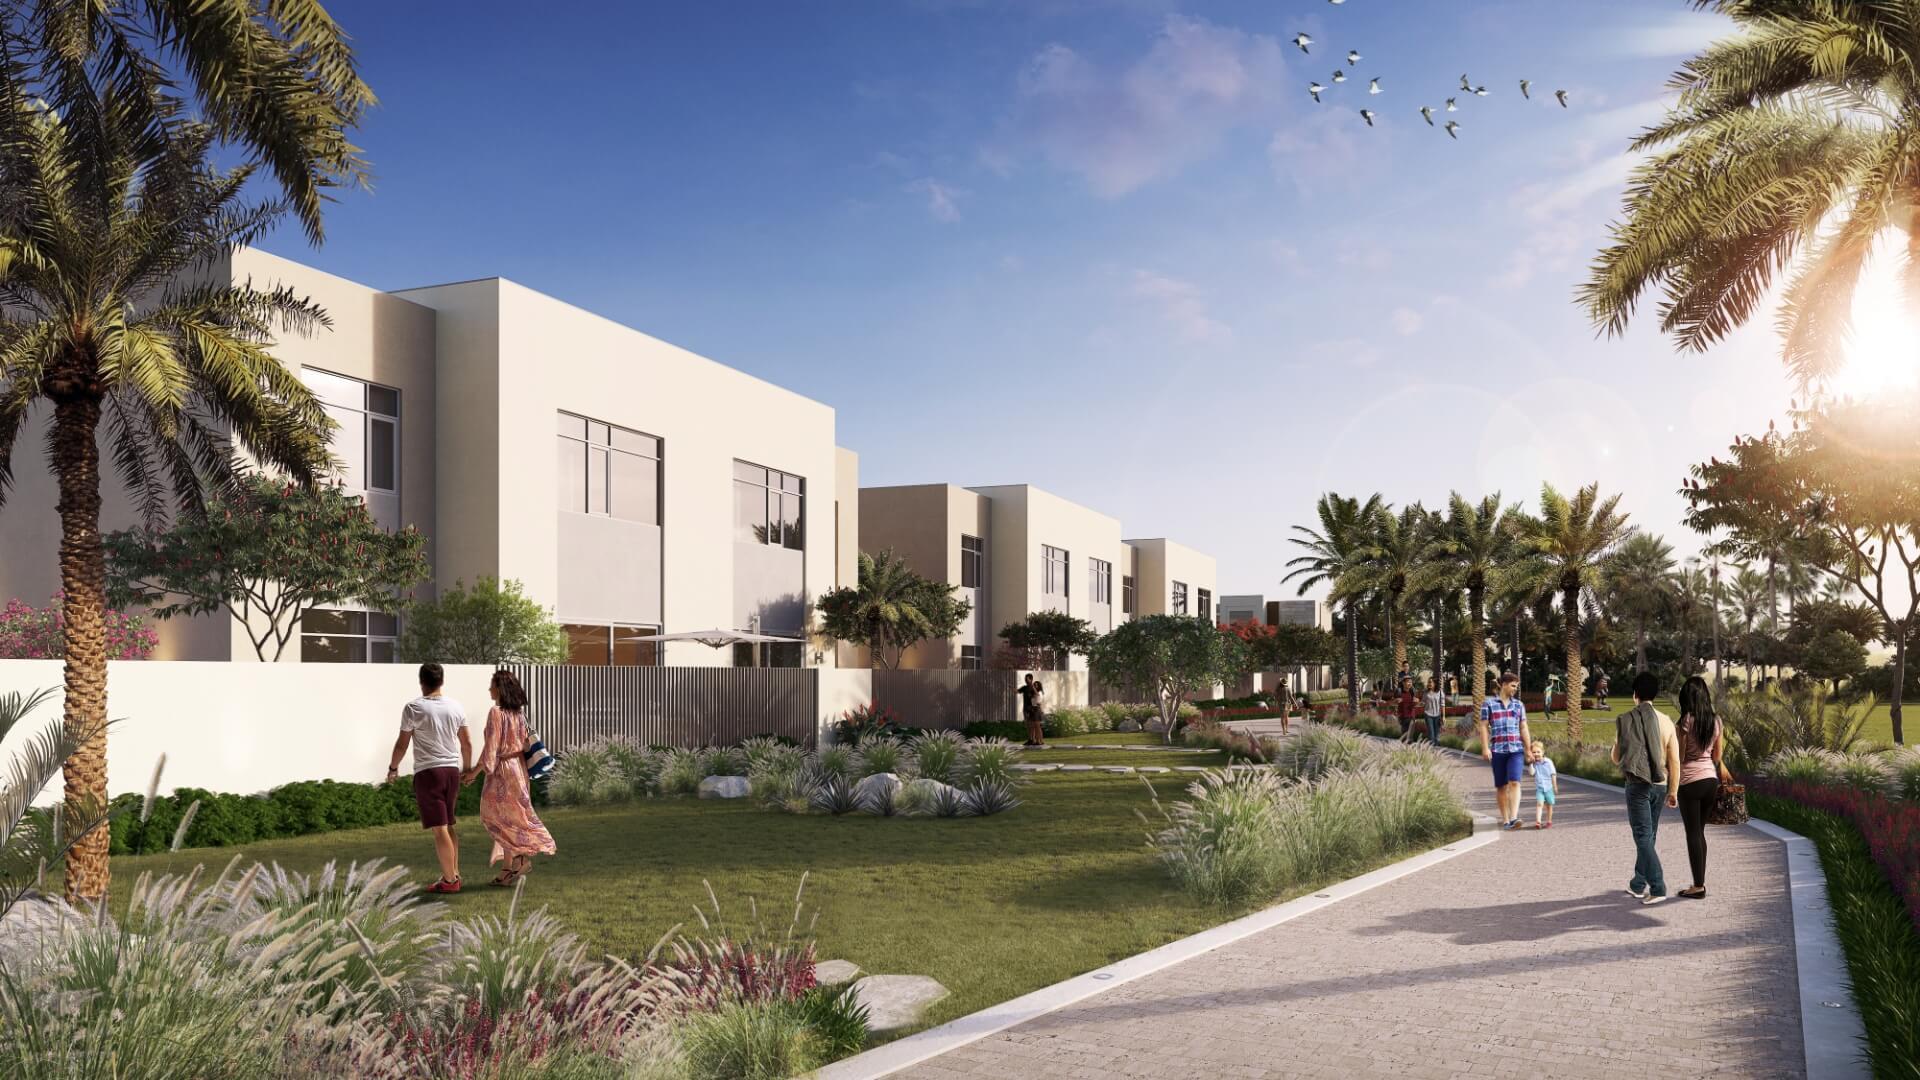 Adosado en venta en Dubai, EAU, 3 dormitorios, 434 m2, № 24268 – foto 3